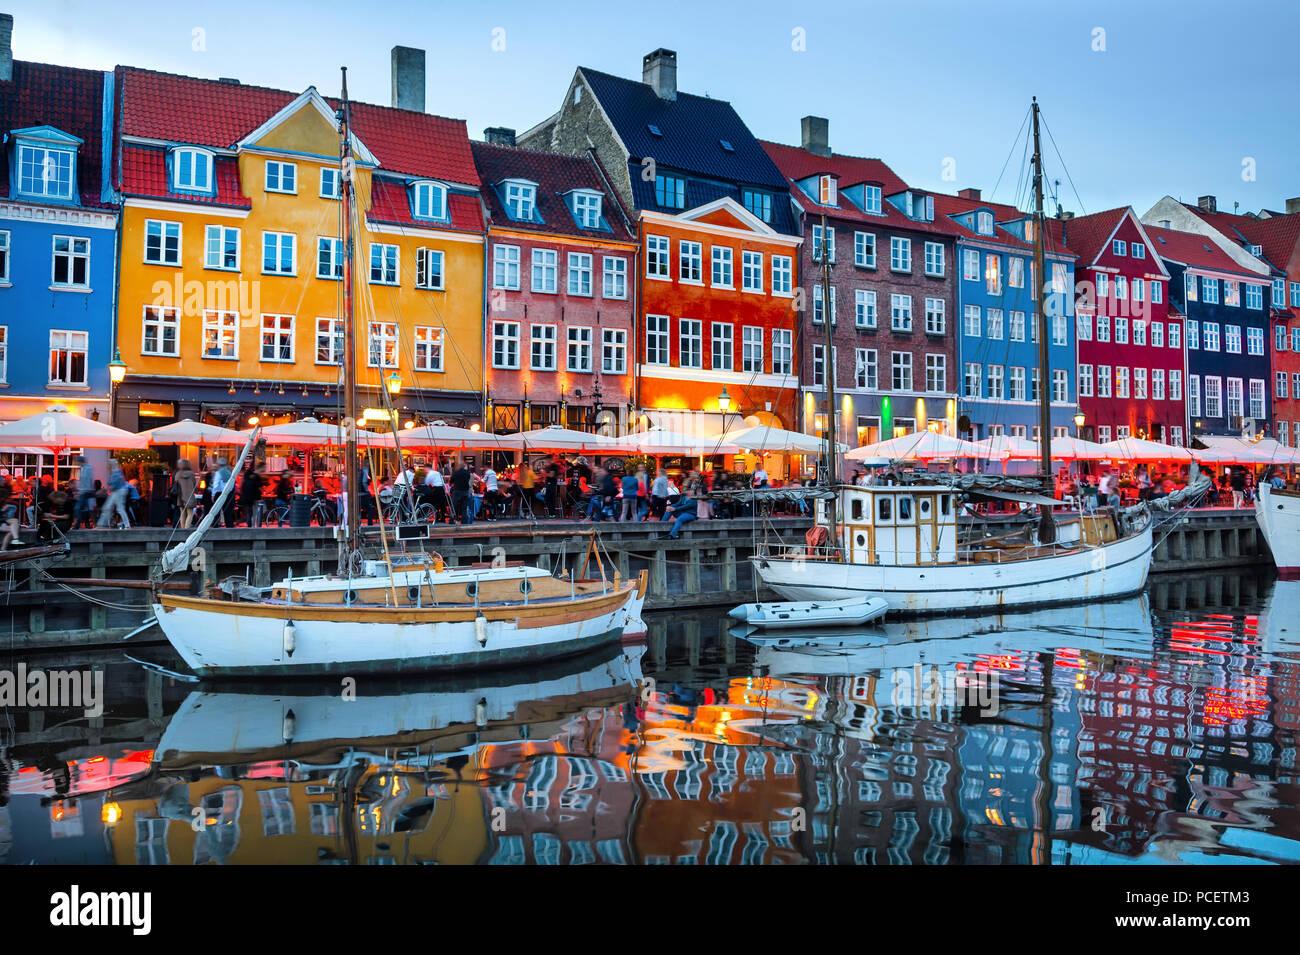 Voiliers amarrés par Nyhavn, promenade éclairés en soirée, vieille ville de Copenhague, Danemark cityscape Photo Stock